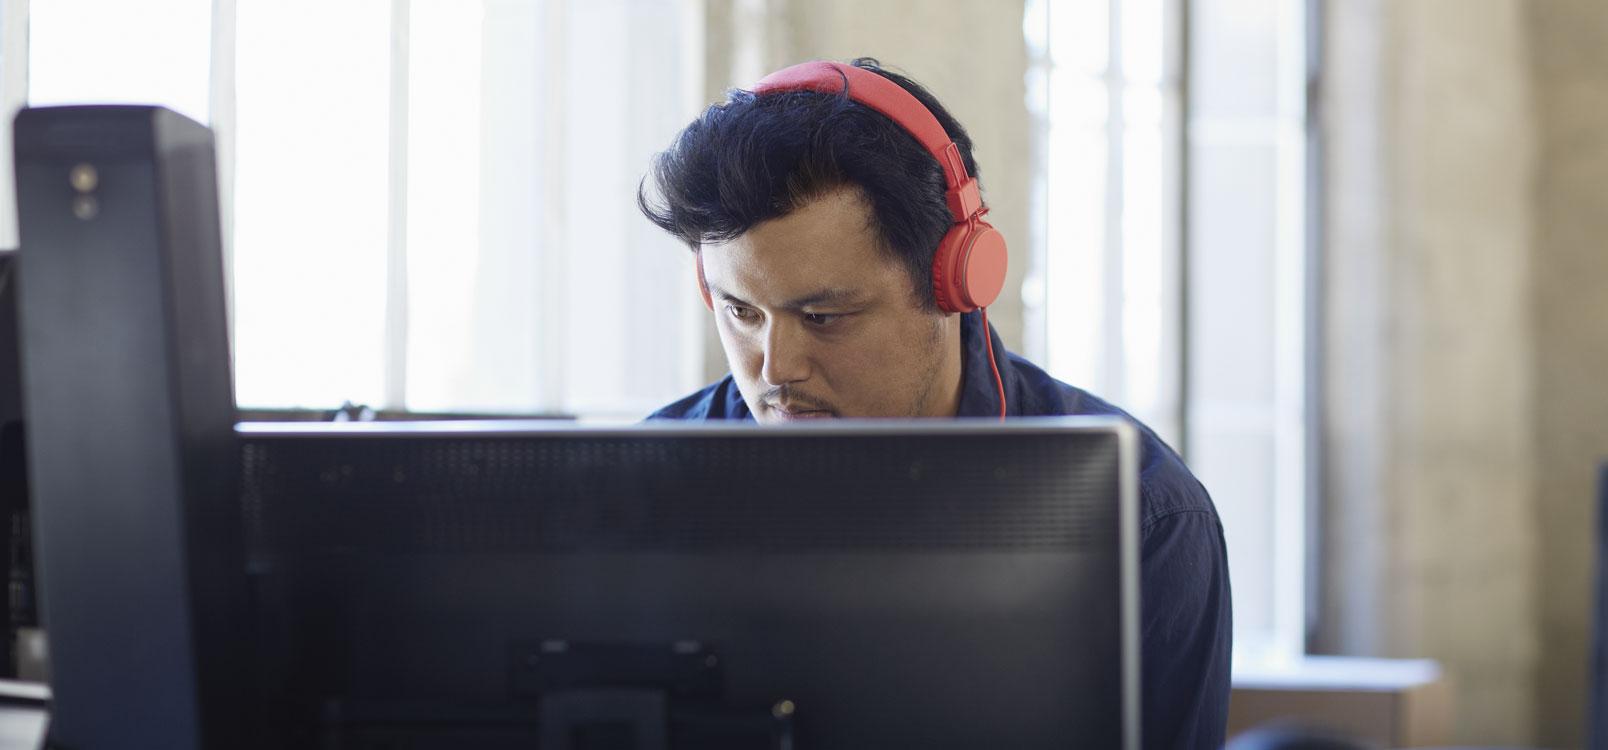 Cilvēks ar austiņām strādā pie PC galddatora, izmantojot pakalpojumu Office 365 vienkāršākam IT darbam.